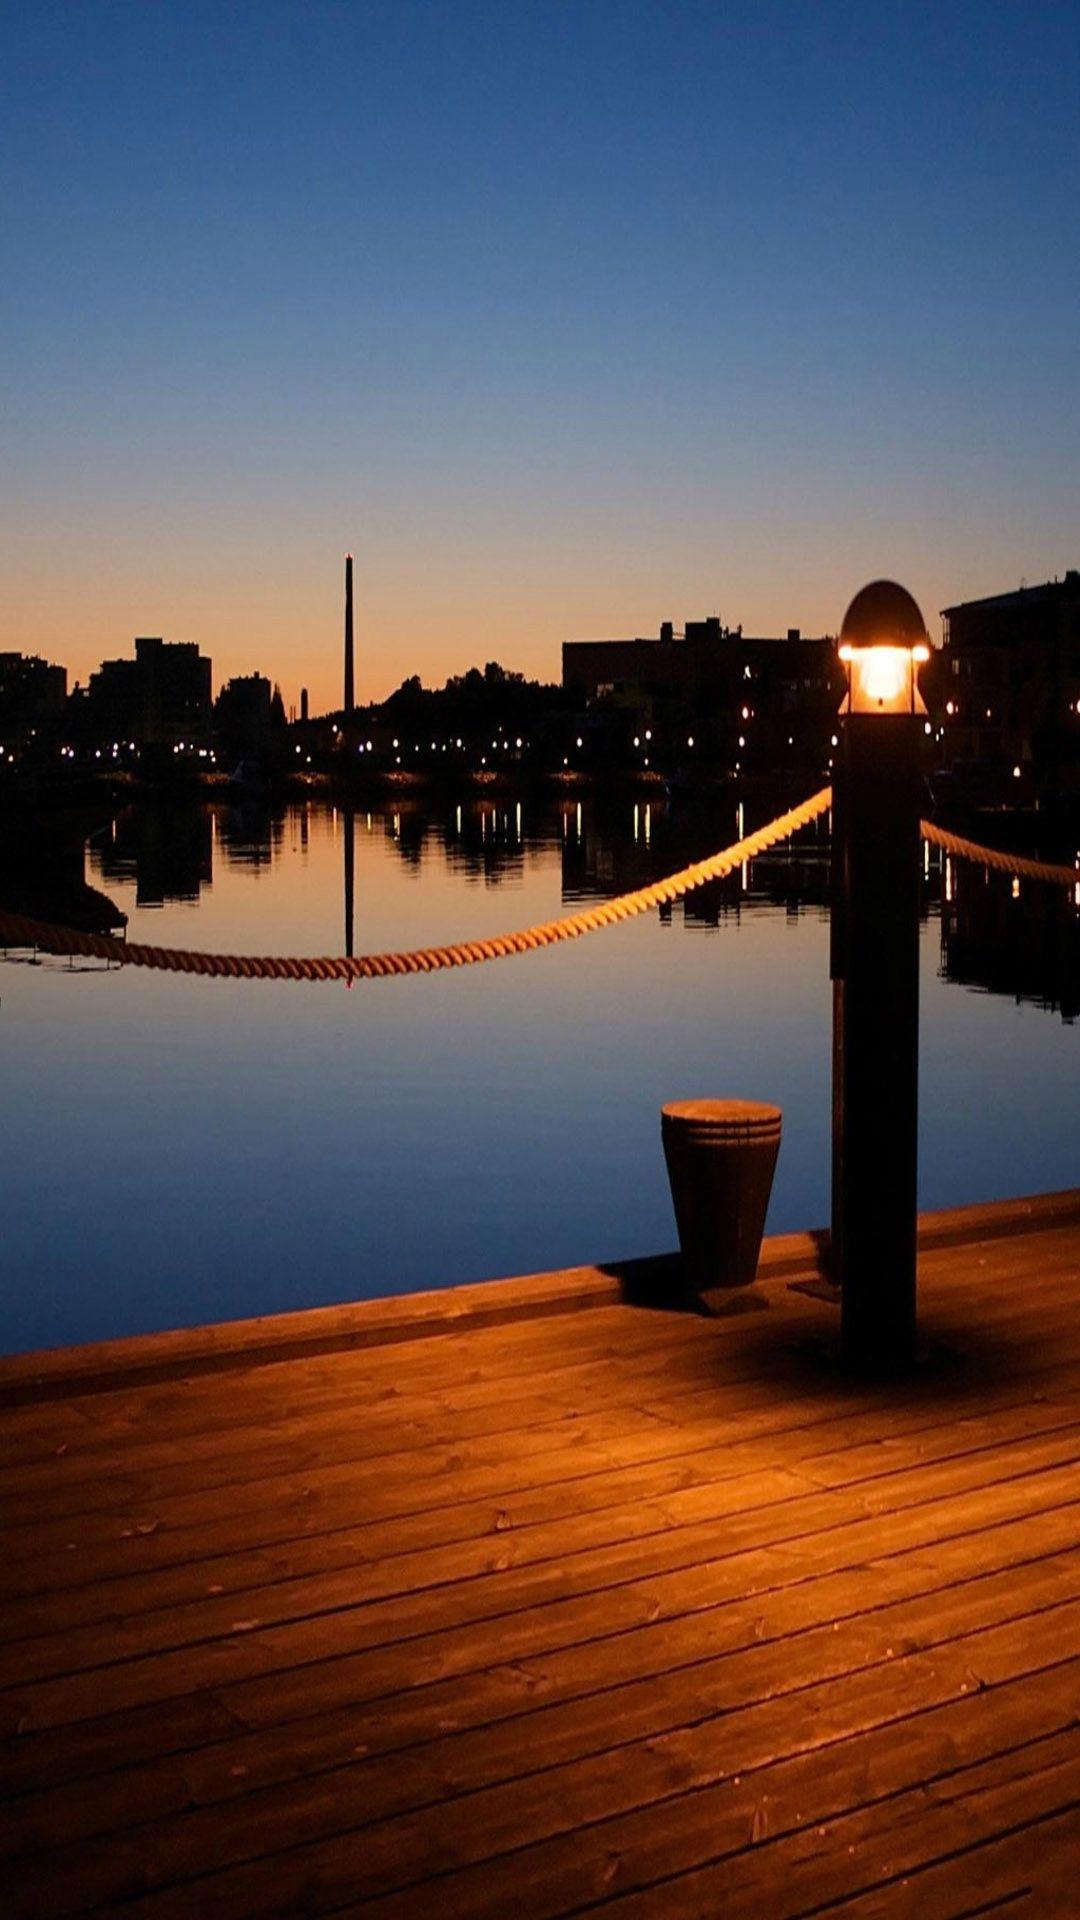 Wooden Pier Dusk Light iPhone 7 wallpaper Iphone 6